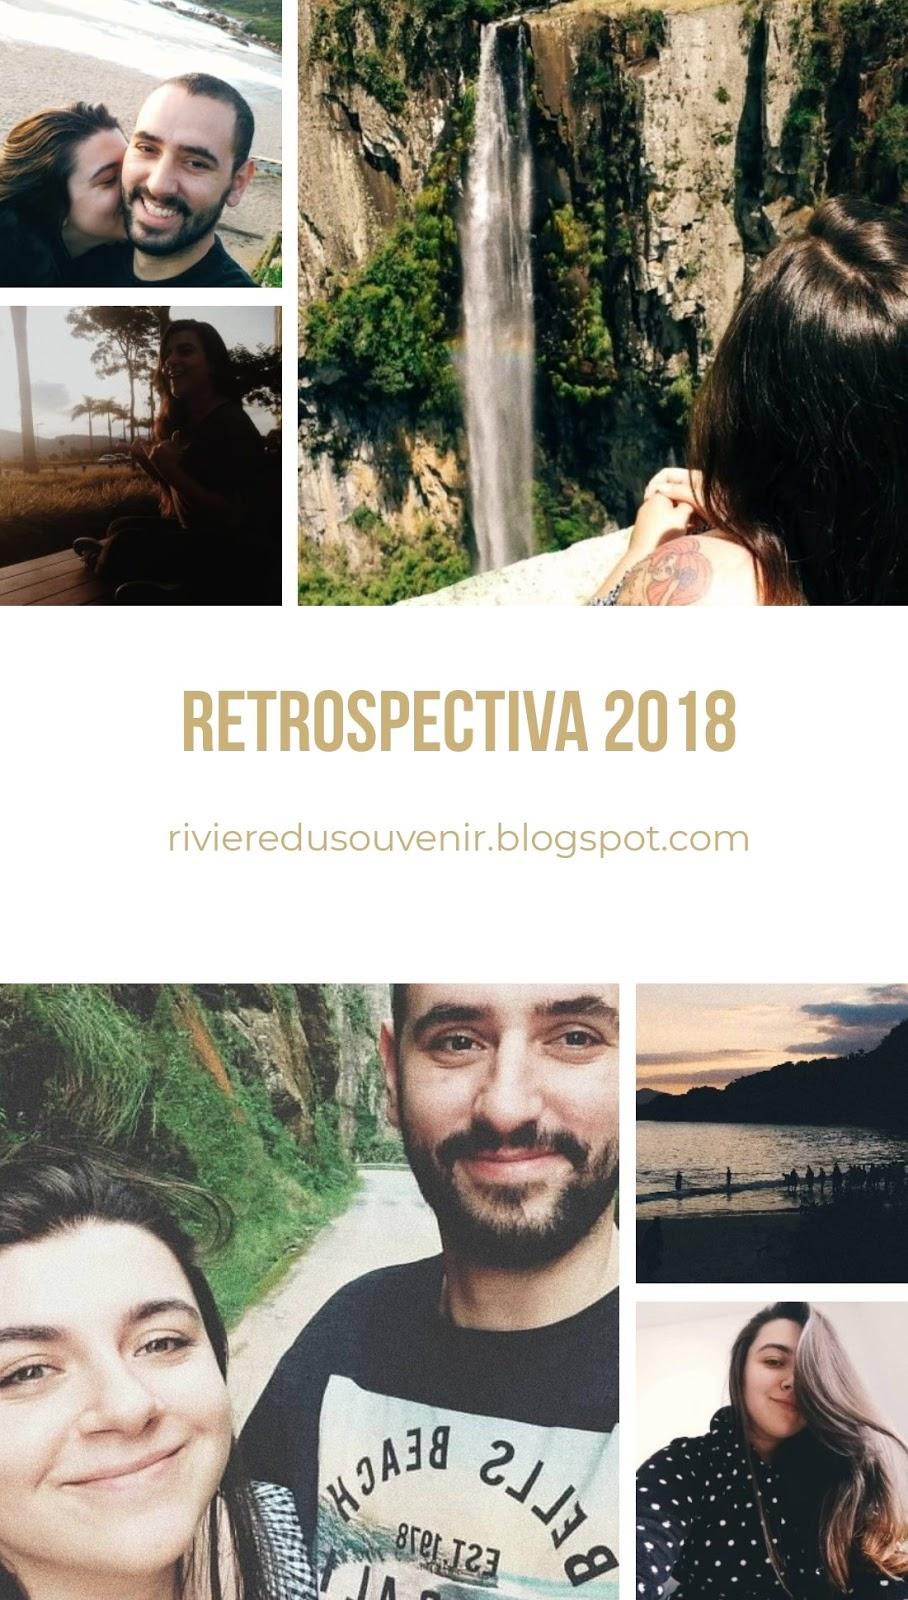 Compilado de imagens das viagens por Santa Catarina